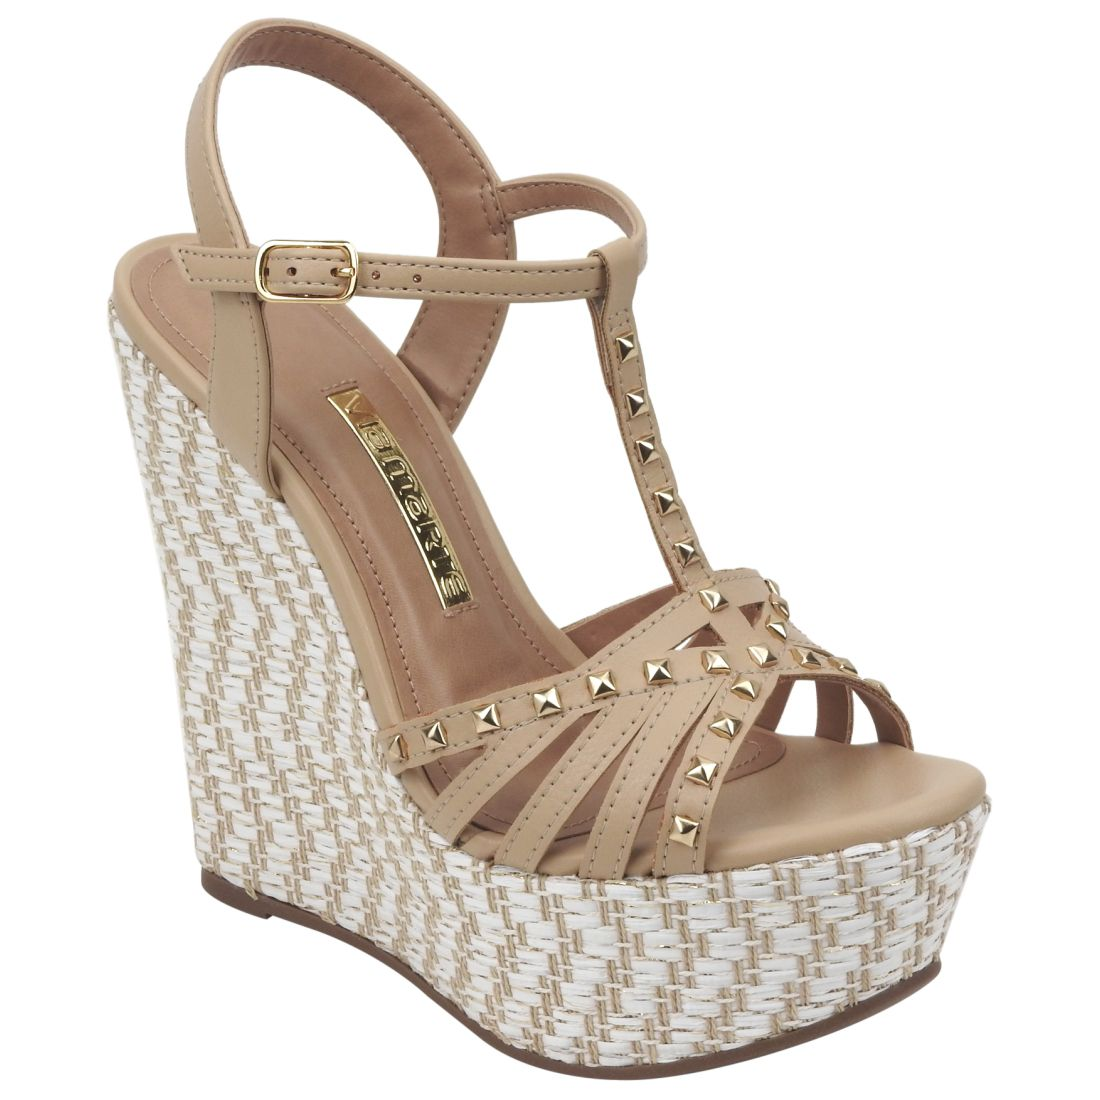 d25c5952 Sandália em sintetico 17-12102 | shoes..zapatos em 2019 | Sapatos ...